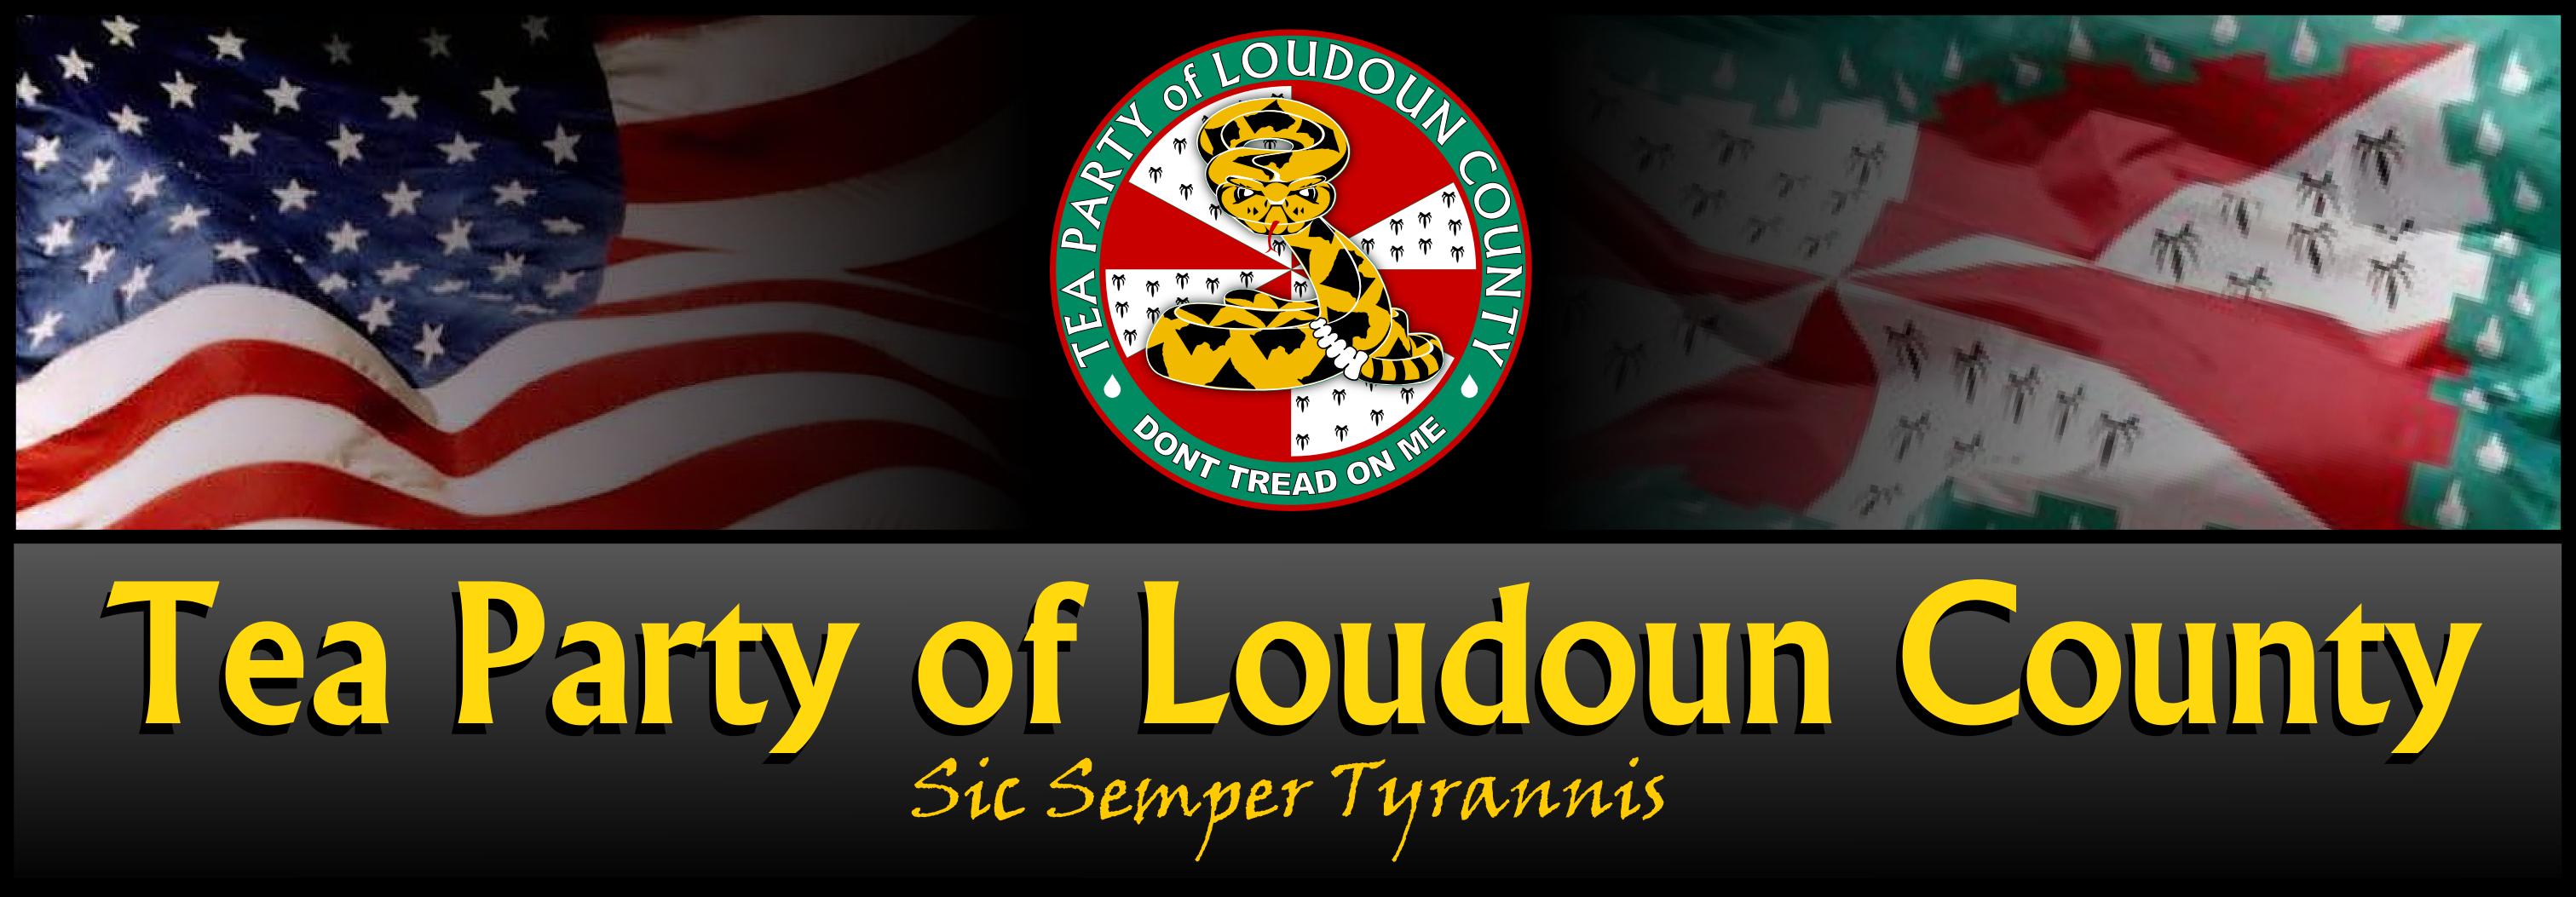 Tea Party of Loudoun County Masthead v1c